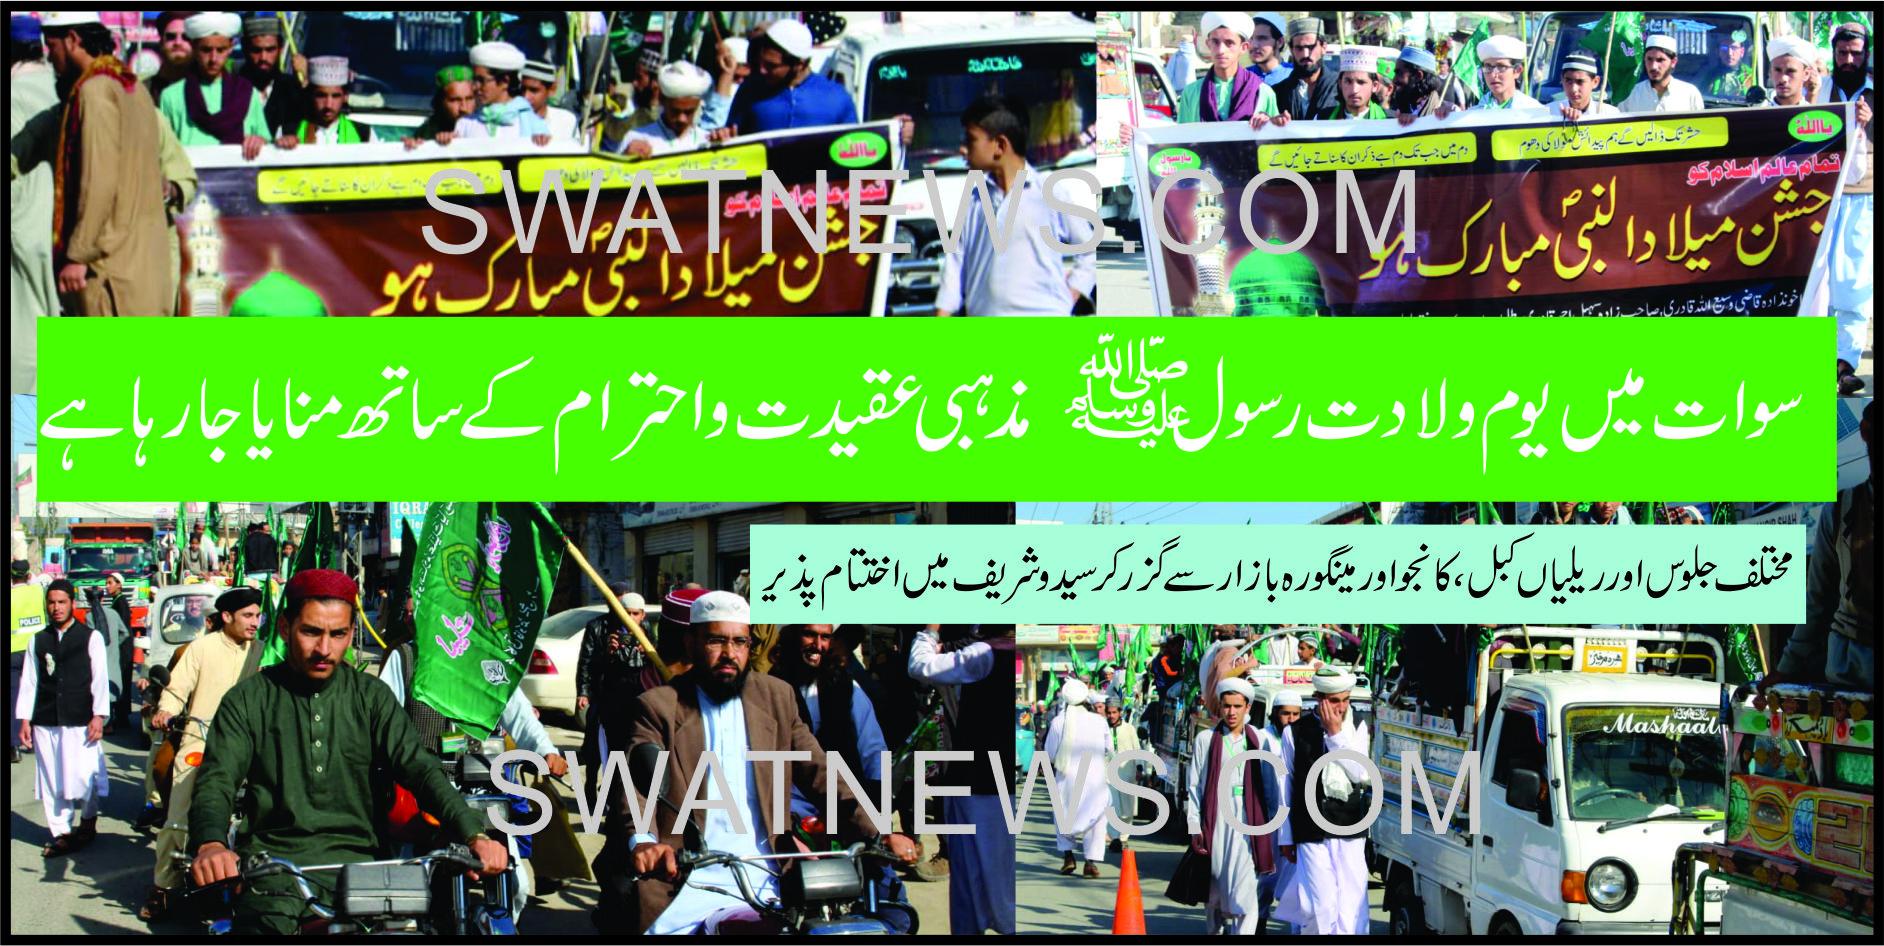 سوات میں یوم ولادت رسولﷺمذہبی عقیدت واحترام کے ساتھ منایا جارہا ہے